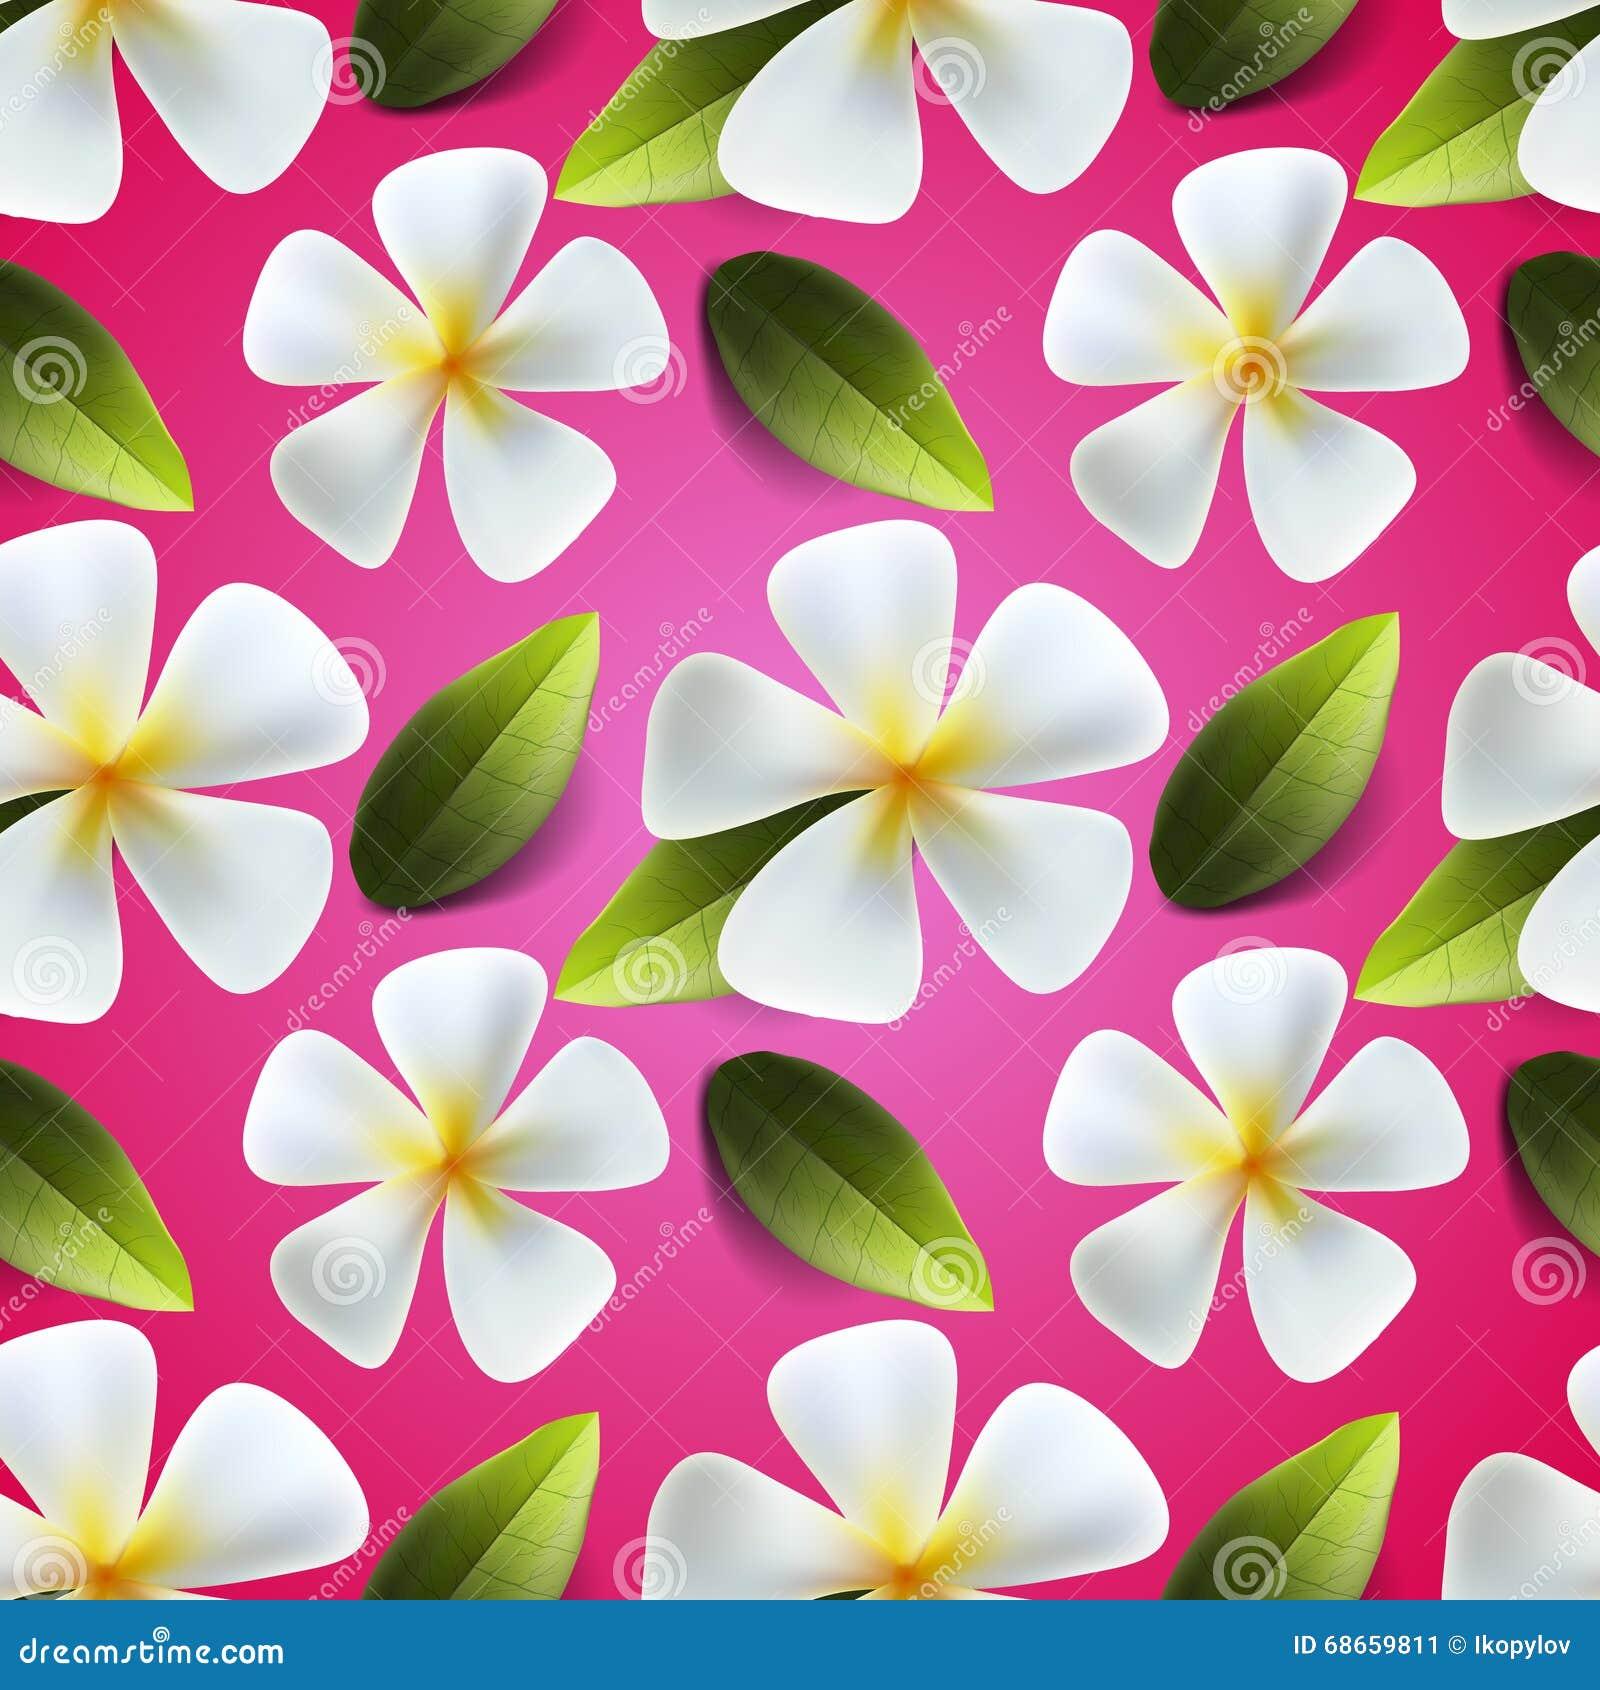 Frangipani Flowers Seamless Pattern Stock Illustration